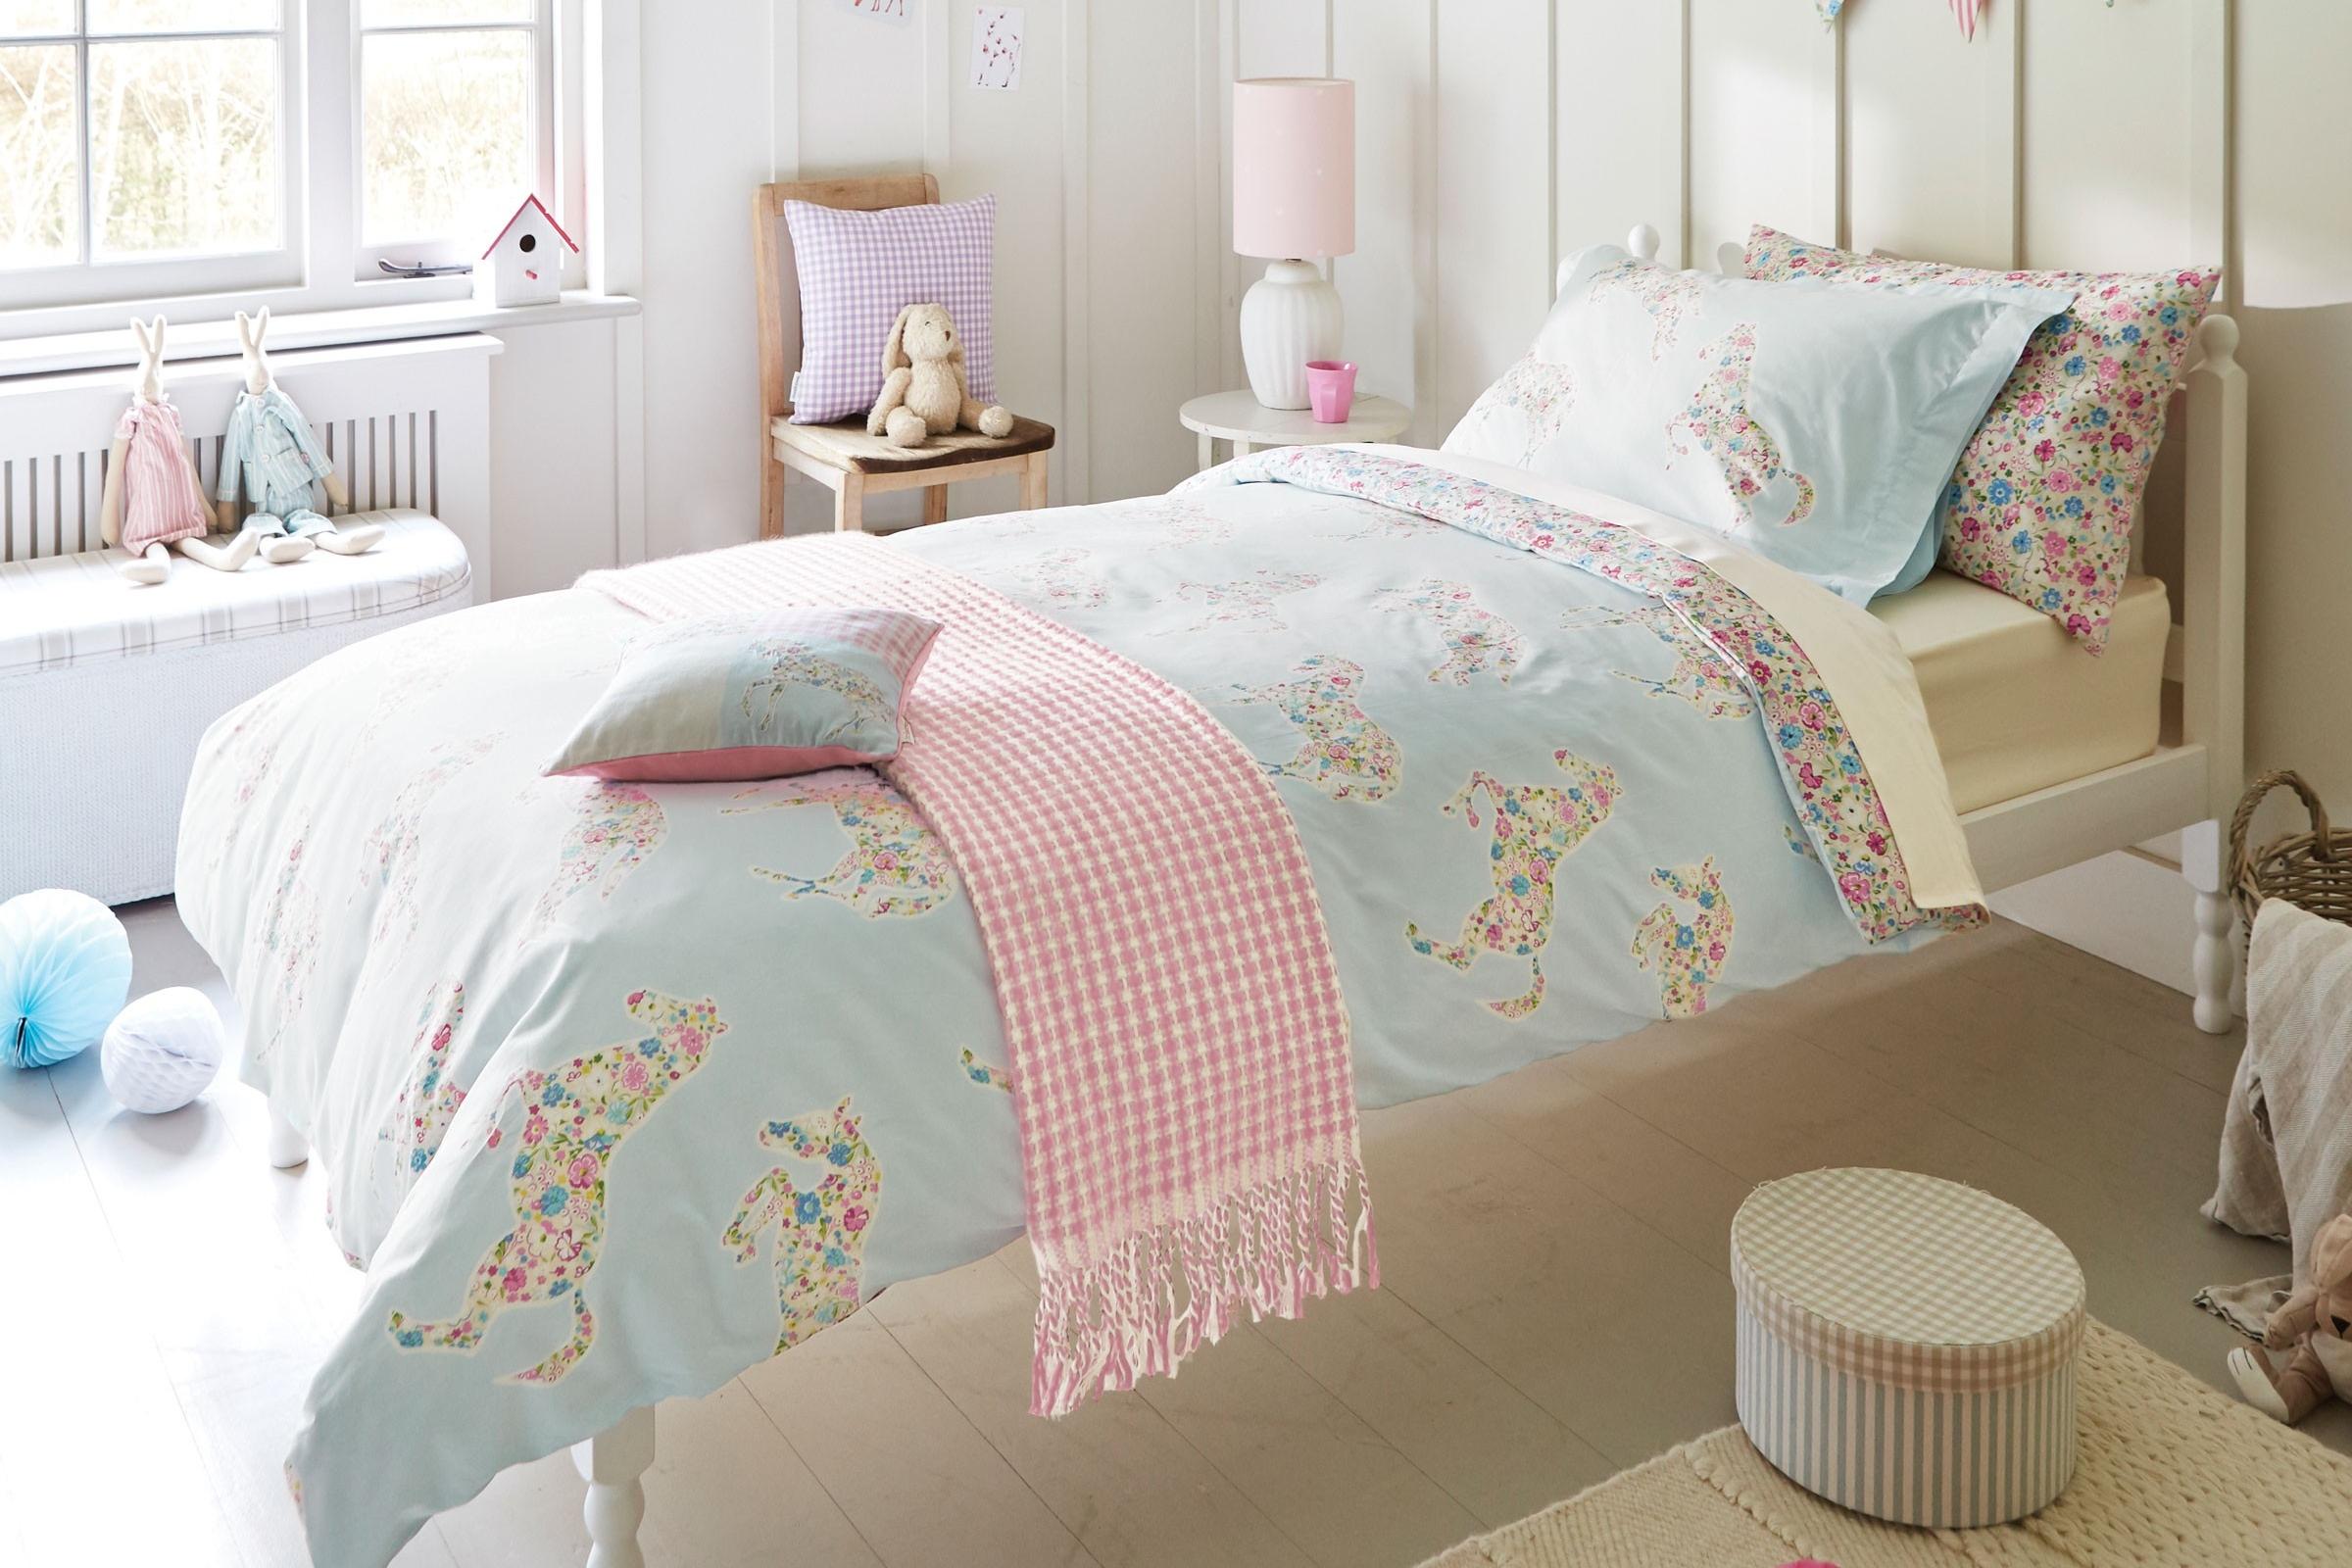 Bedding - Little Sanderson Pretty Ponies Duvet Cover Set